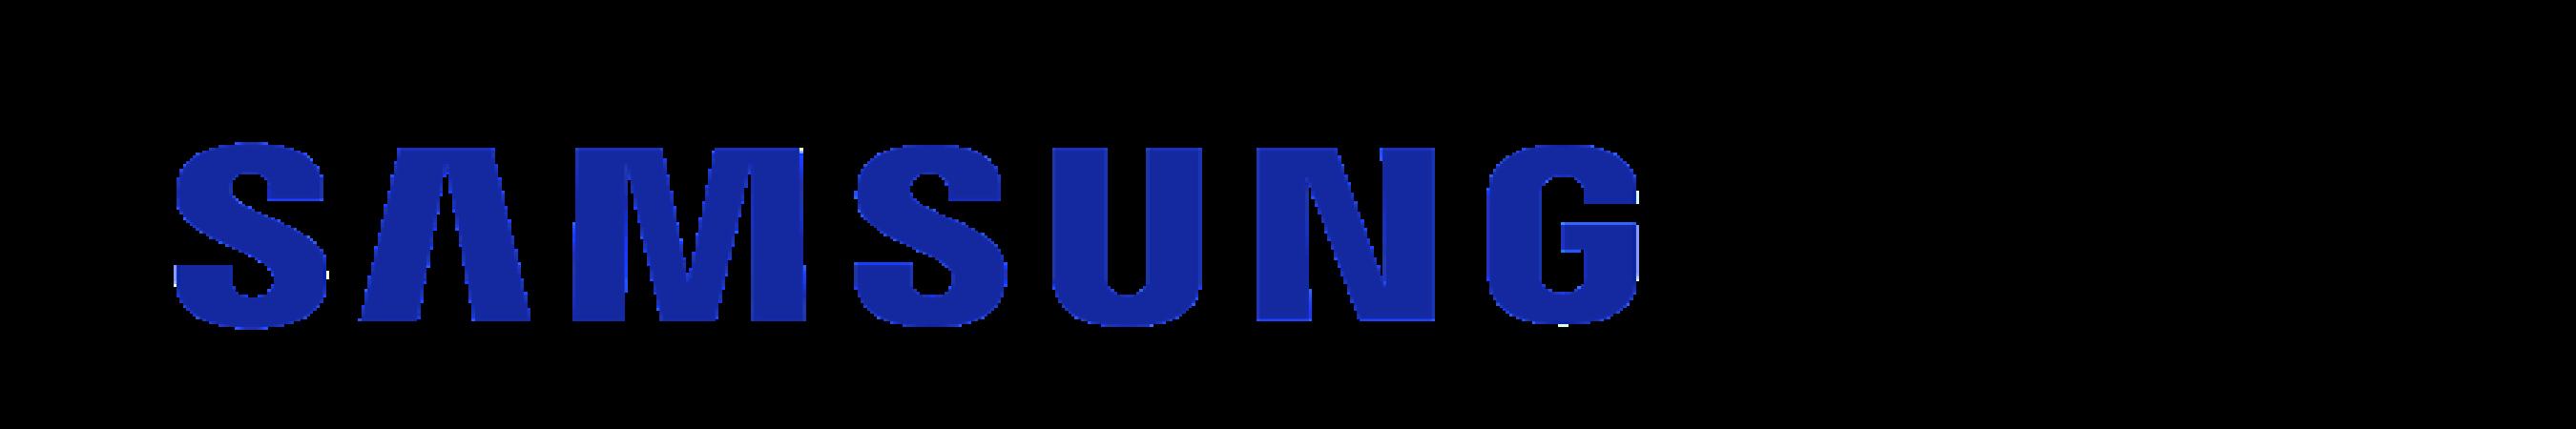 logo sam sung